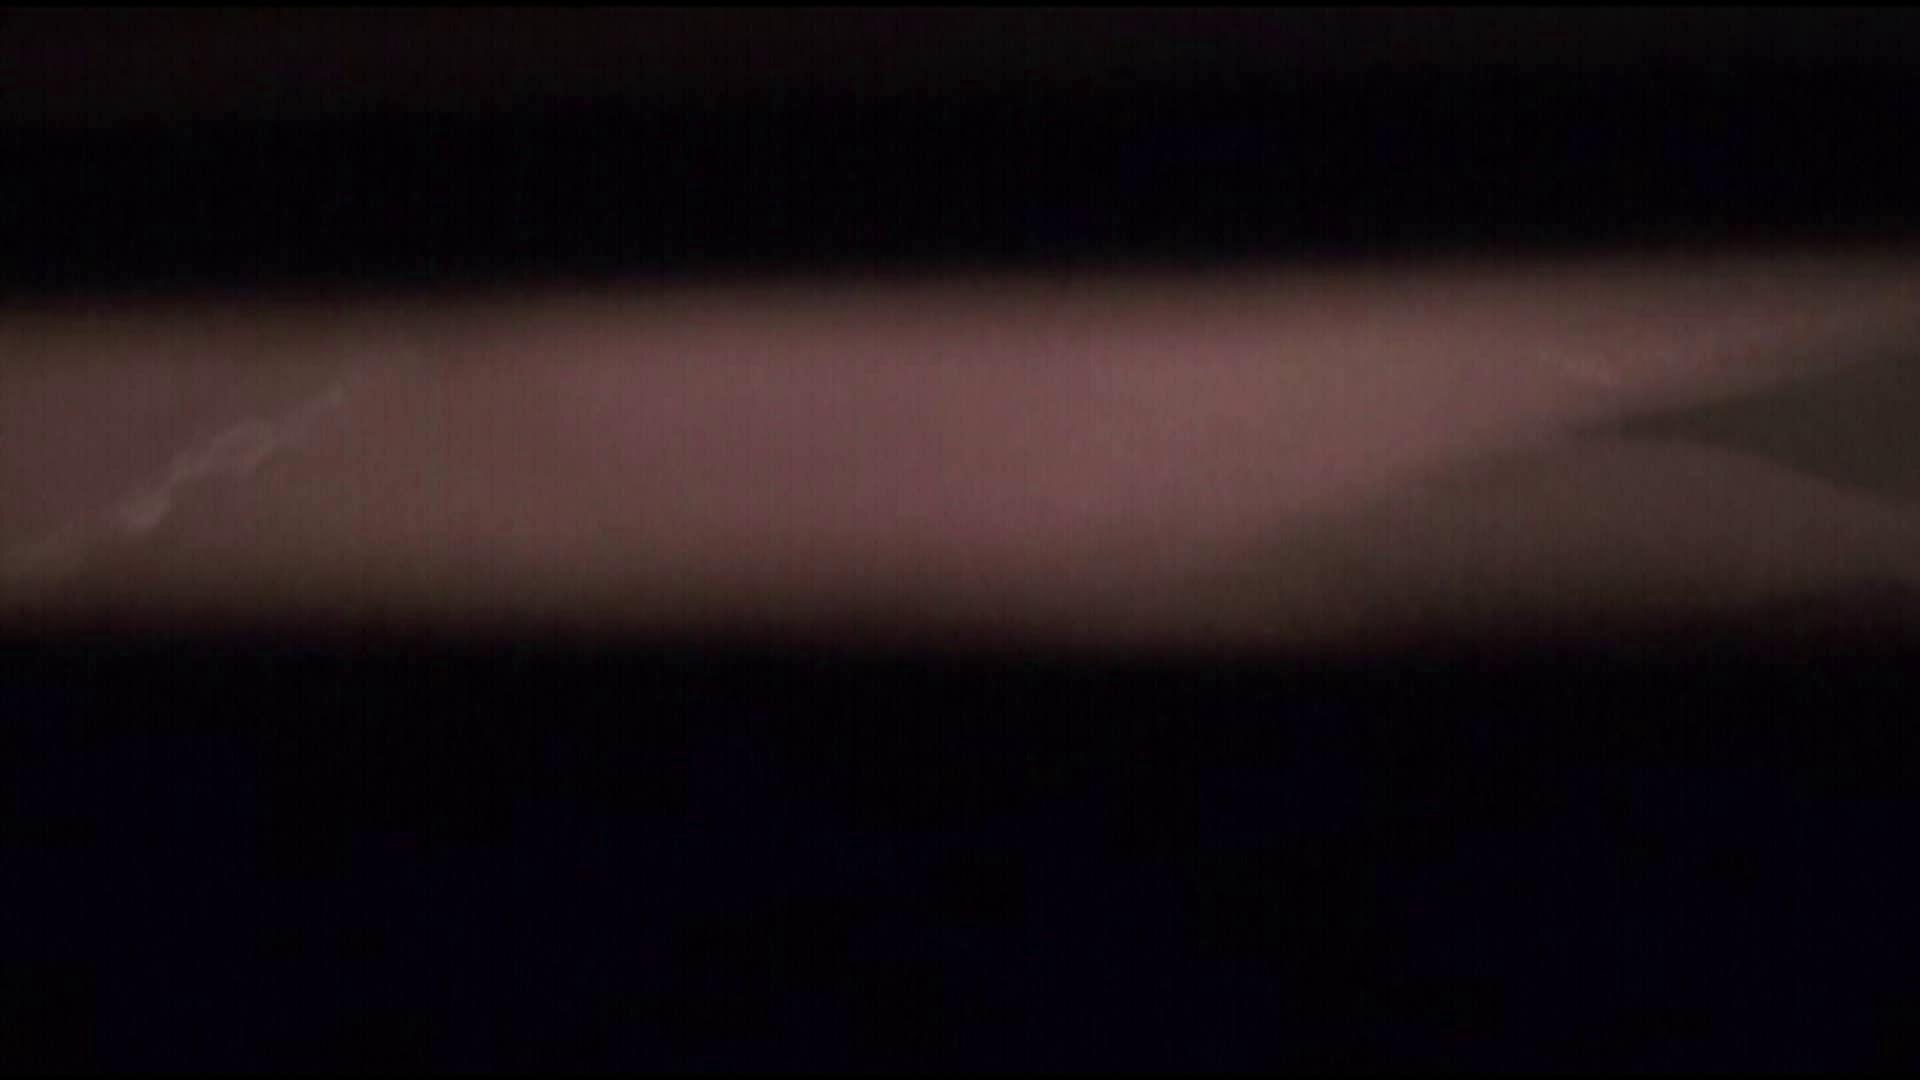 民家の騎士さんの最後の性戦ハイビジョン!!No.47 おっぱい オマンコ無修正動画無料 79画像 14